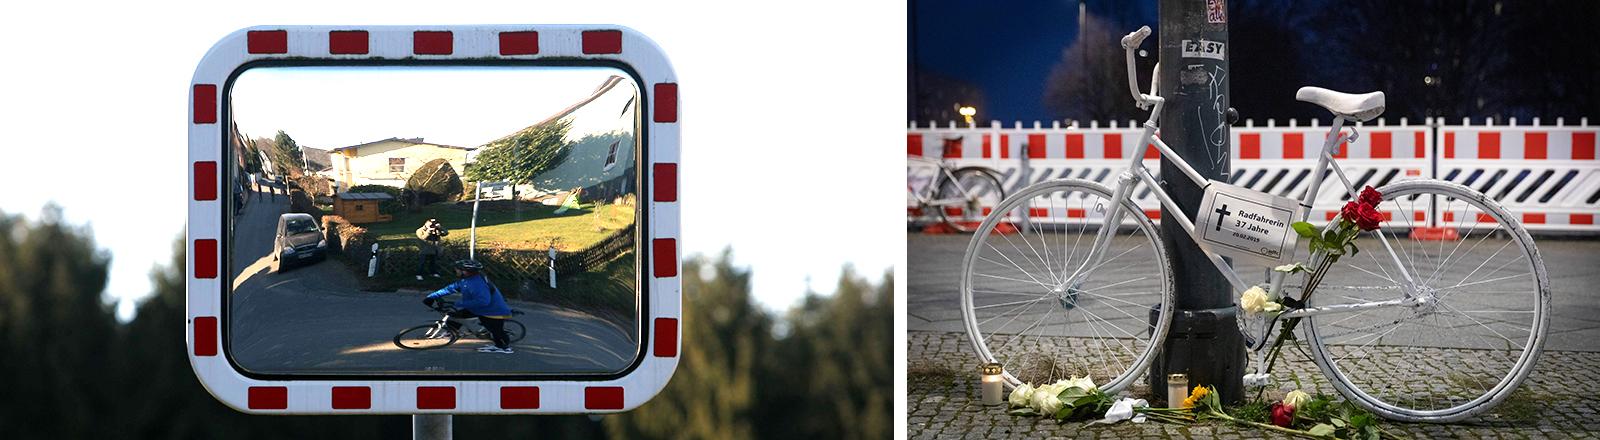 Das Fahrrad einer verunglückten Fahrradfaherin und der Trixi-Spiegel an einer Straße.